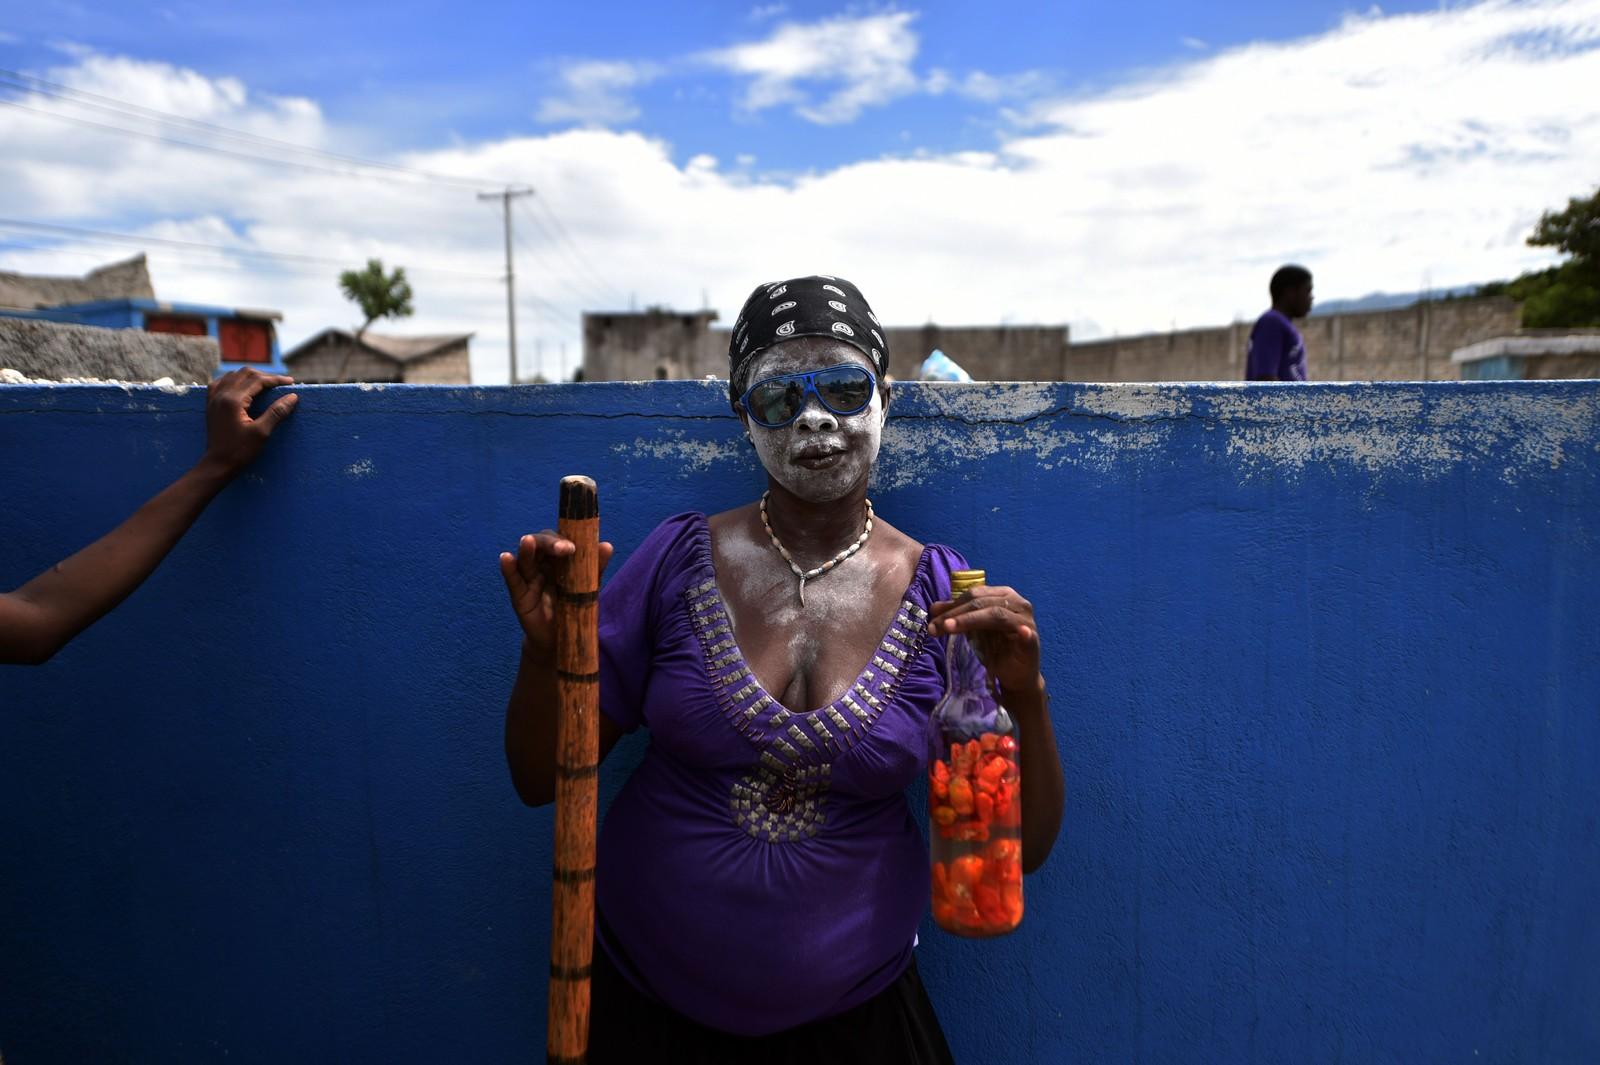 Denne dama deltok i en voodoo-festival i Port-au-prince denne uka. Arrangementet avholdes årlig i forbindelse med de dødes dag, som feires i en rekke land.